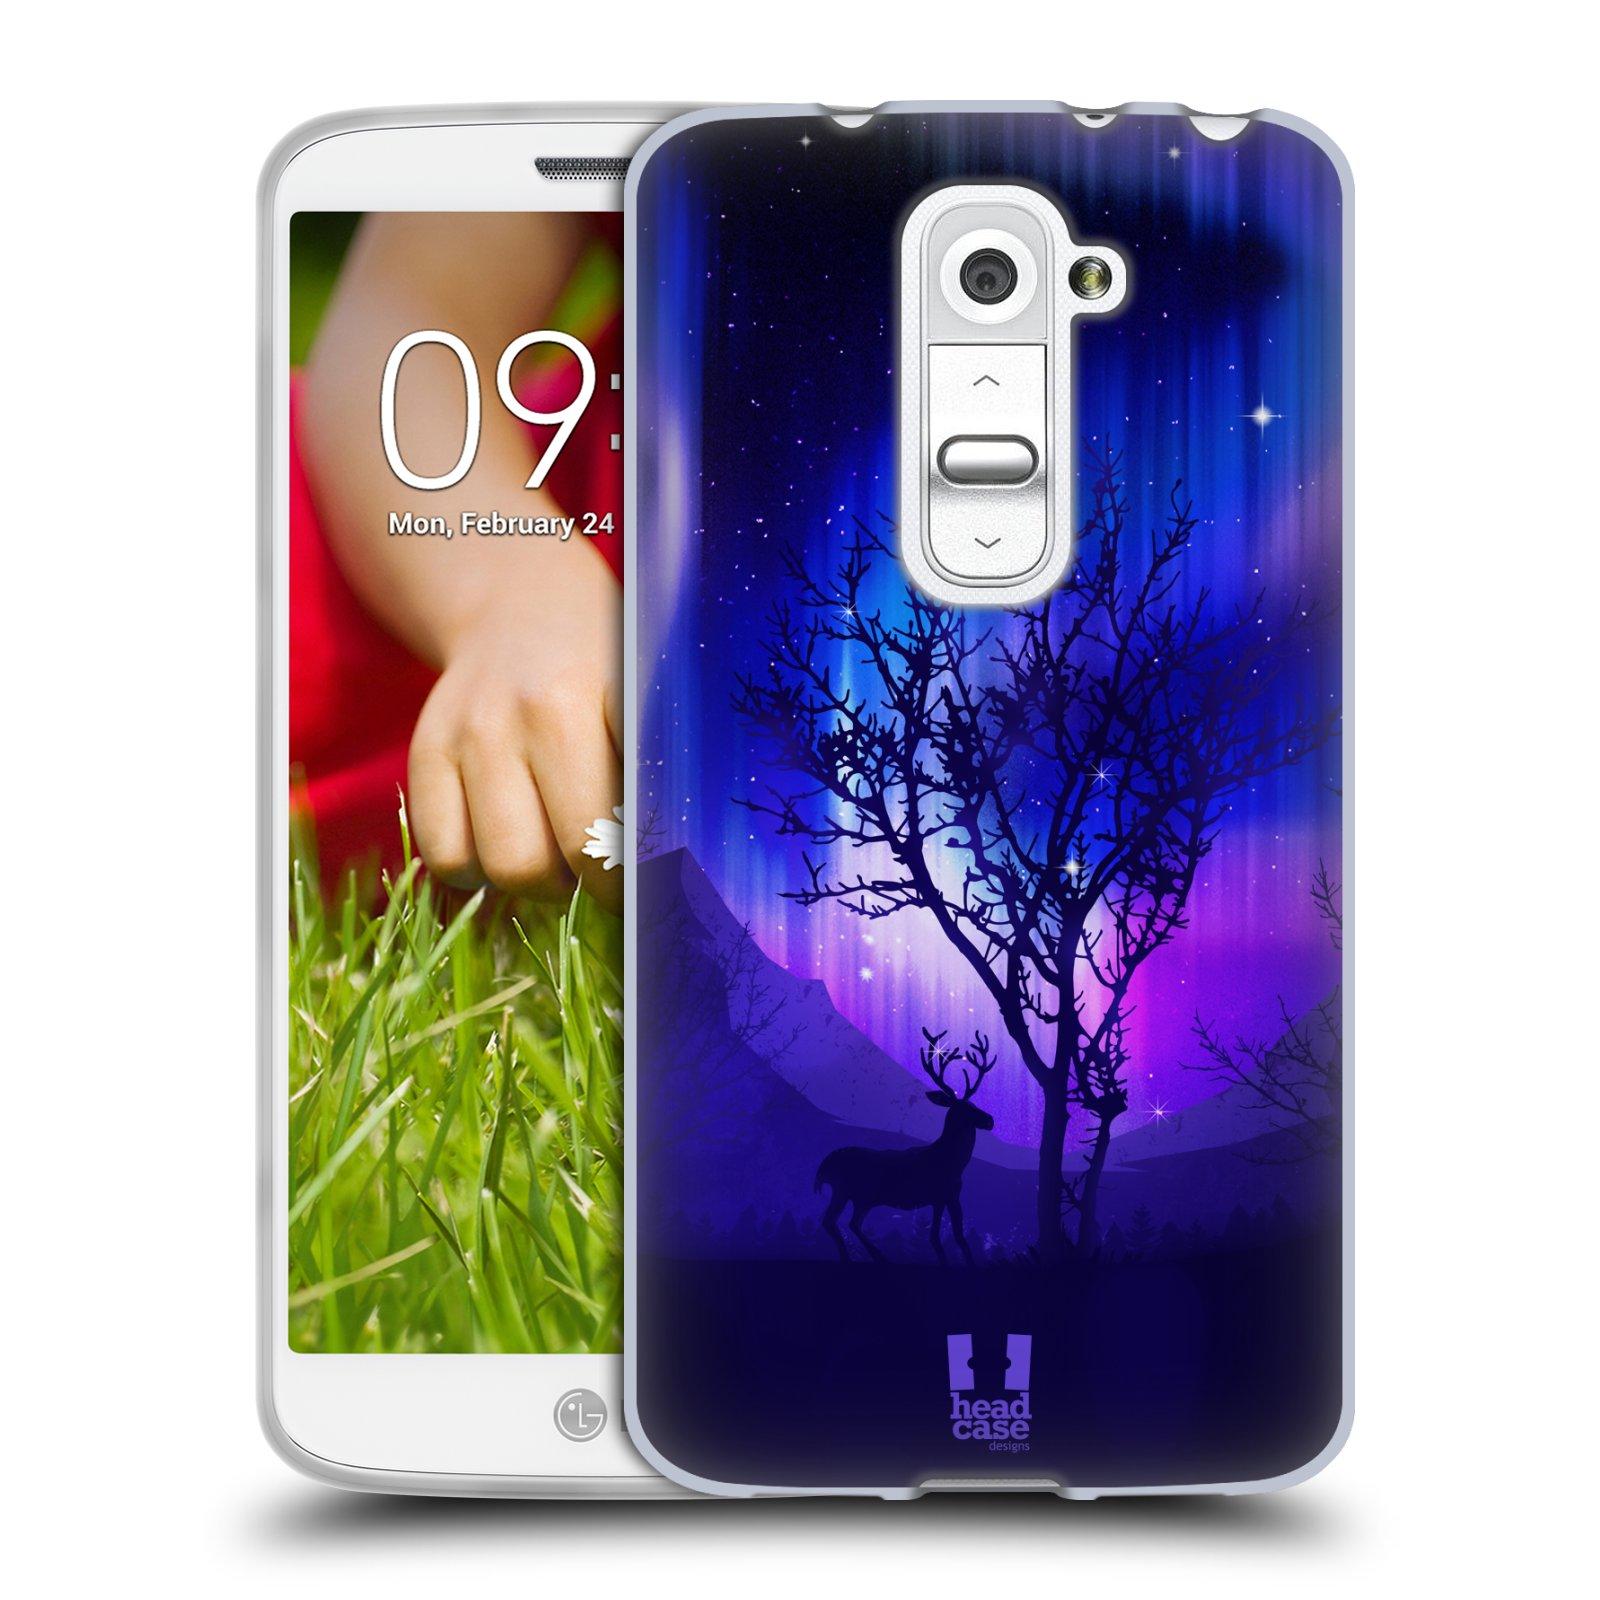 Silikonové pouzdro na mobil LG G2 Mini HEAD CASE Polární Záře Strom (Silikonový kryt či obal na mobilní telefon LG G2 Mini D620)